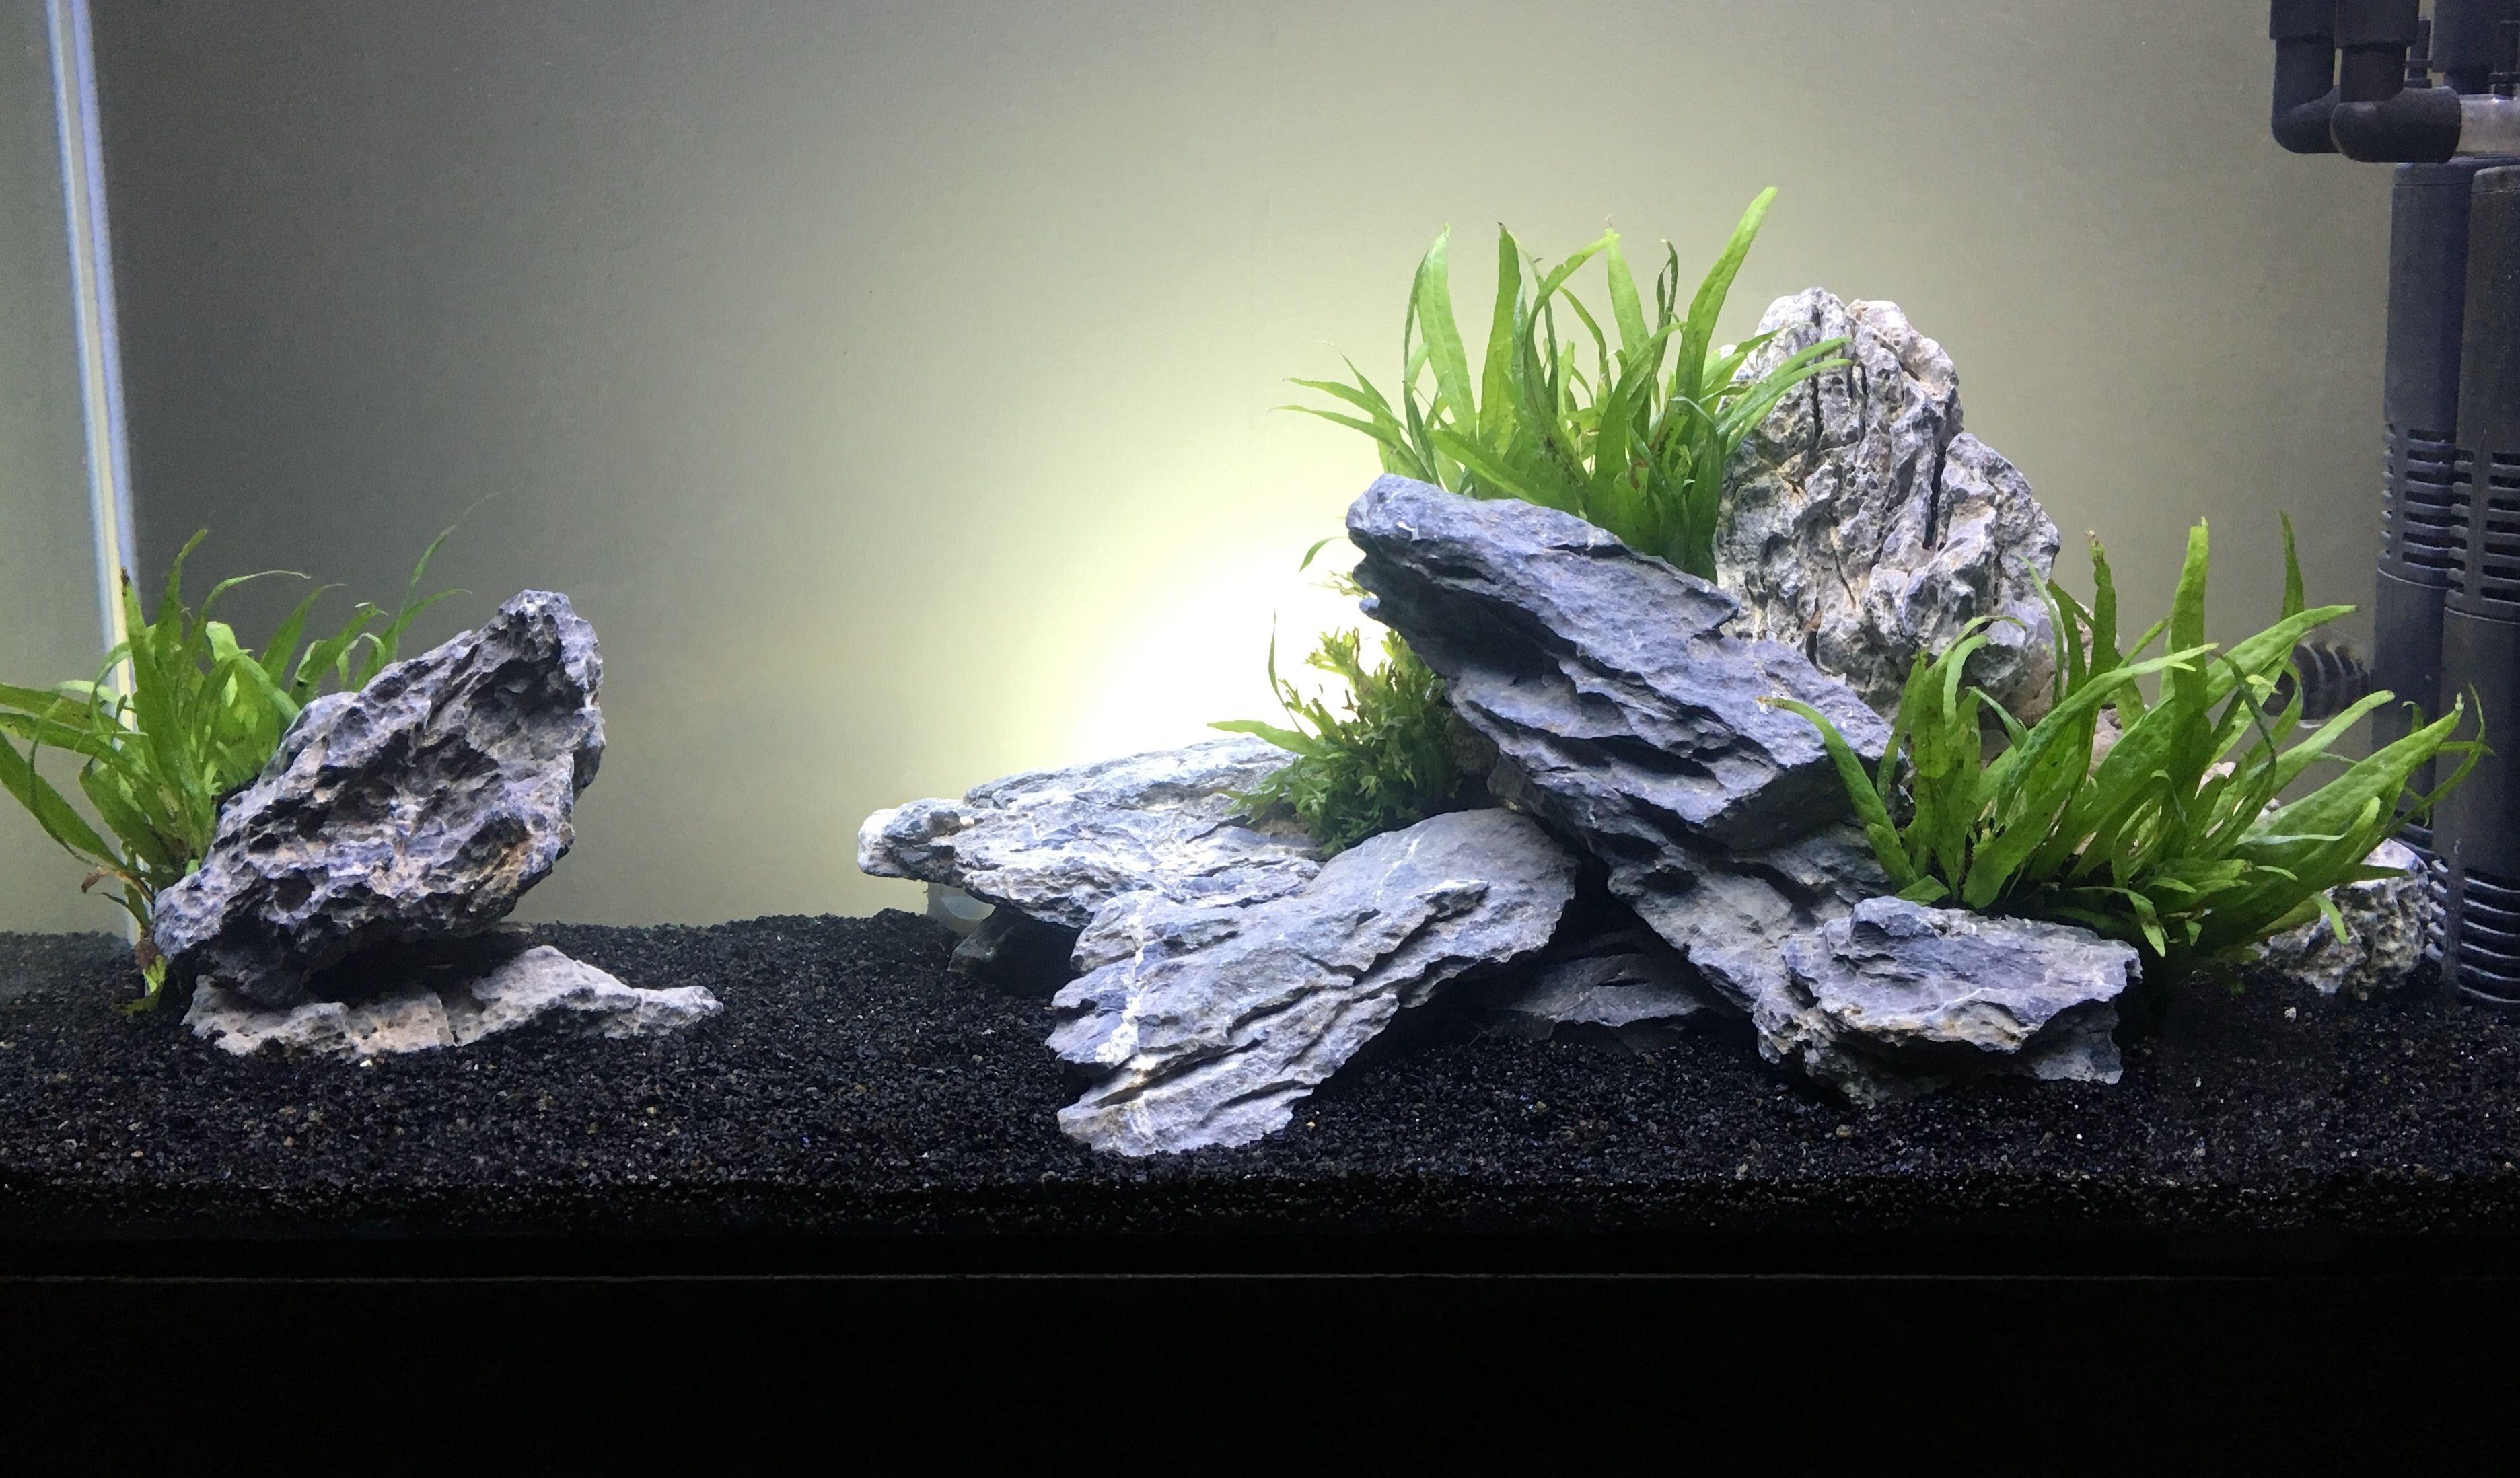 66e189e99bfc04929b520316a902cf12 Frais De Aquarium tortue Aquatique Schème